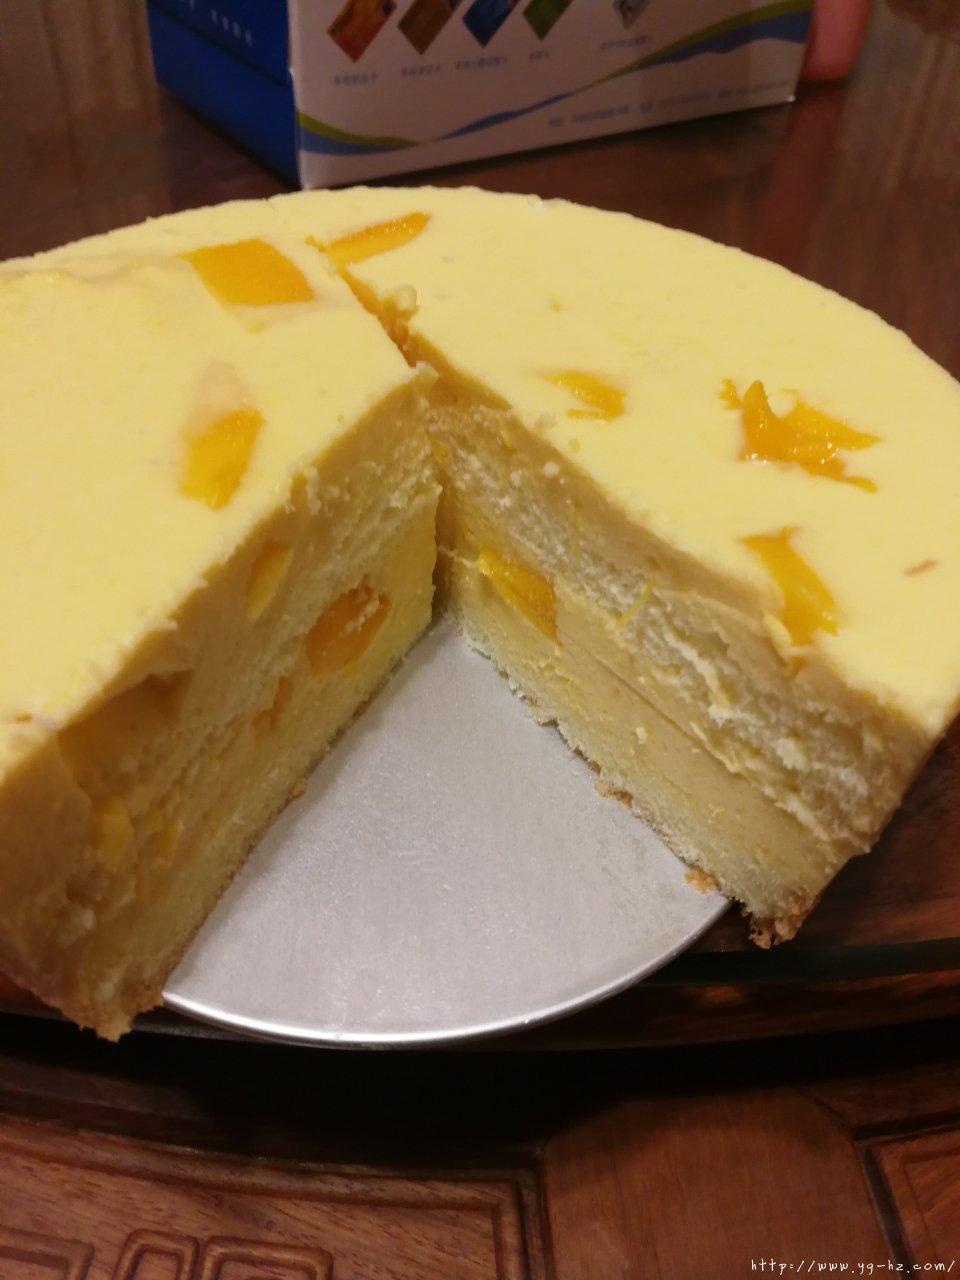 十分钟搞定芒果慕斯蛋糕的做法 步骤7